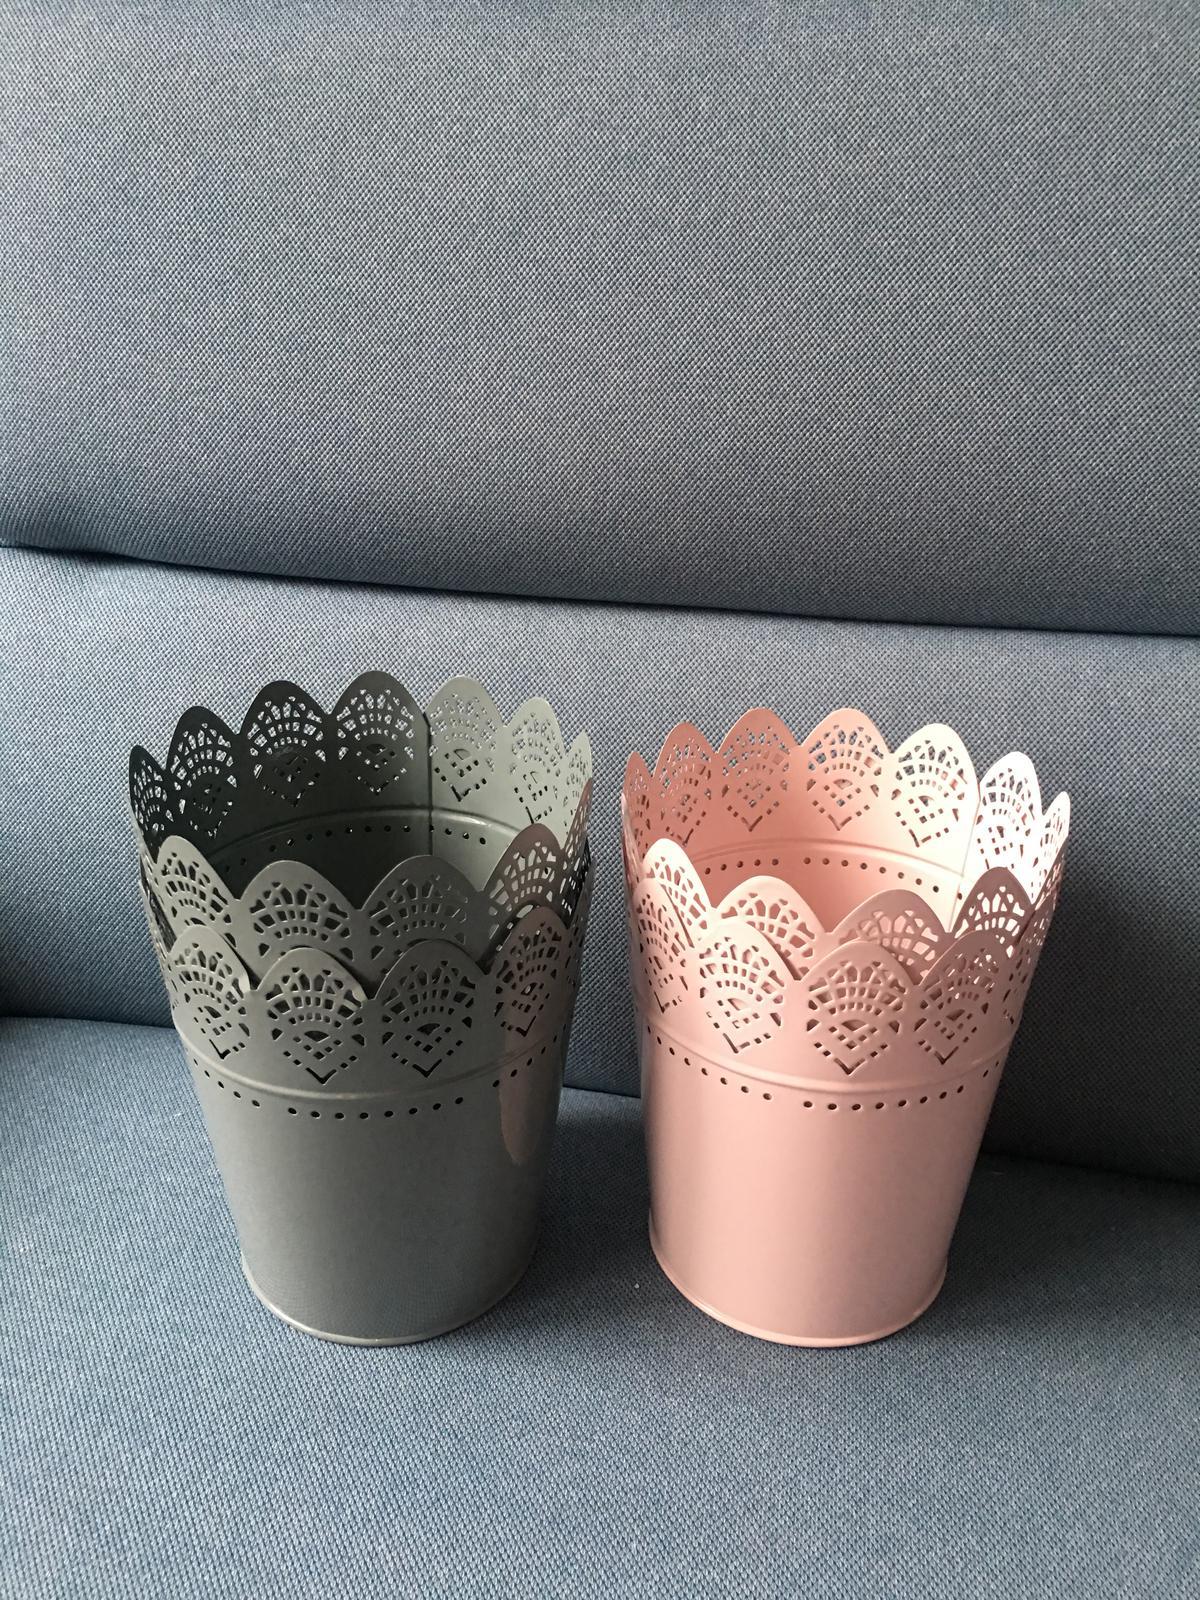 Květináč/obal/svícen světle růžová a šedá 15 cm - Obrázek č. 2